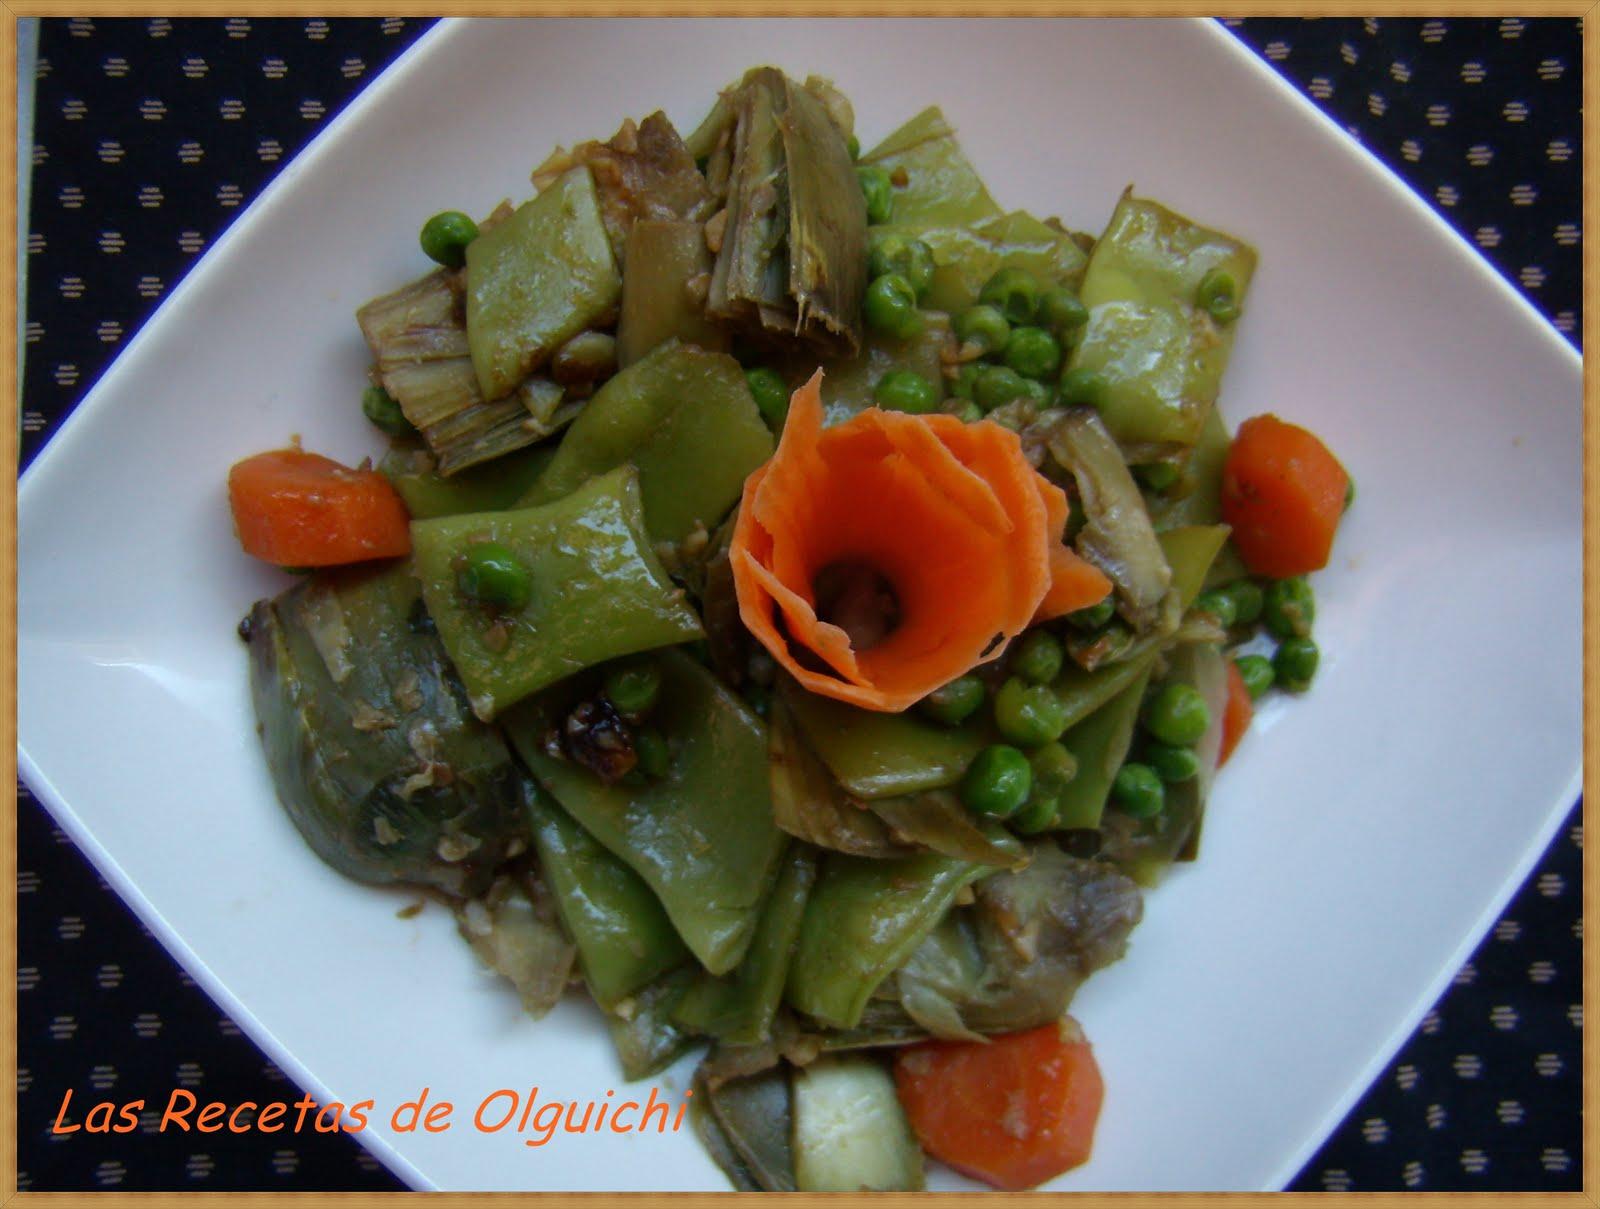 Menestra de verduras fc las recetas de olguichi - Como preparar menestra de verduras ...